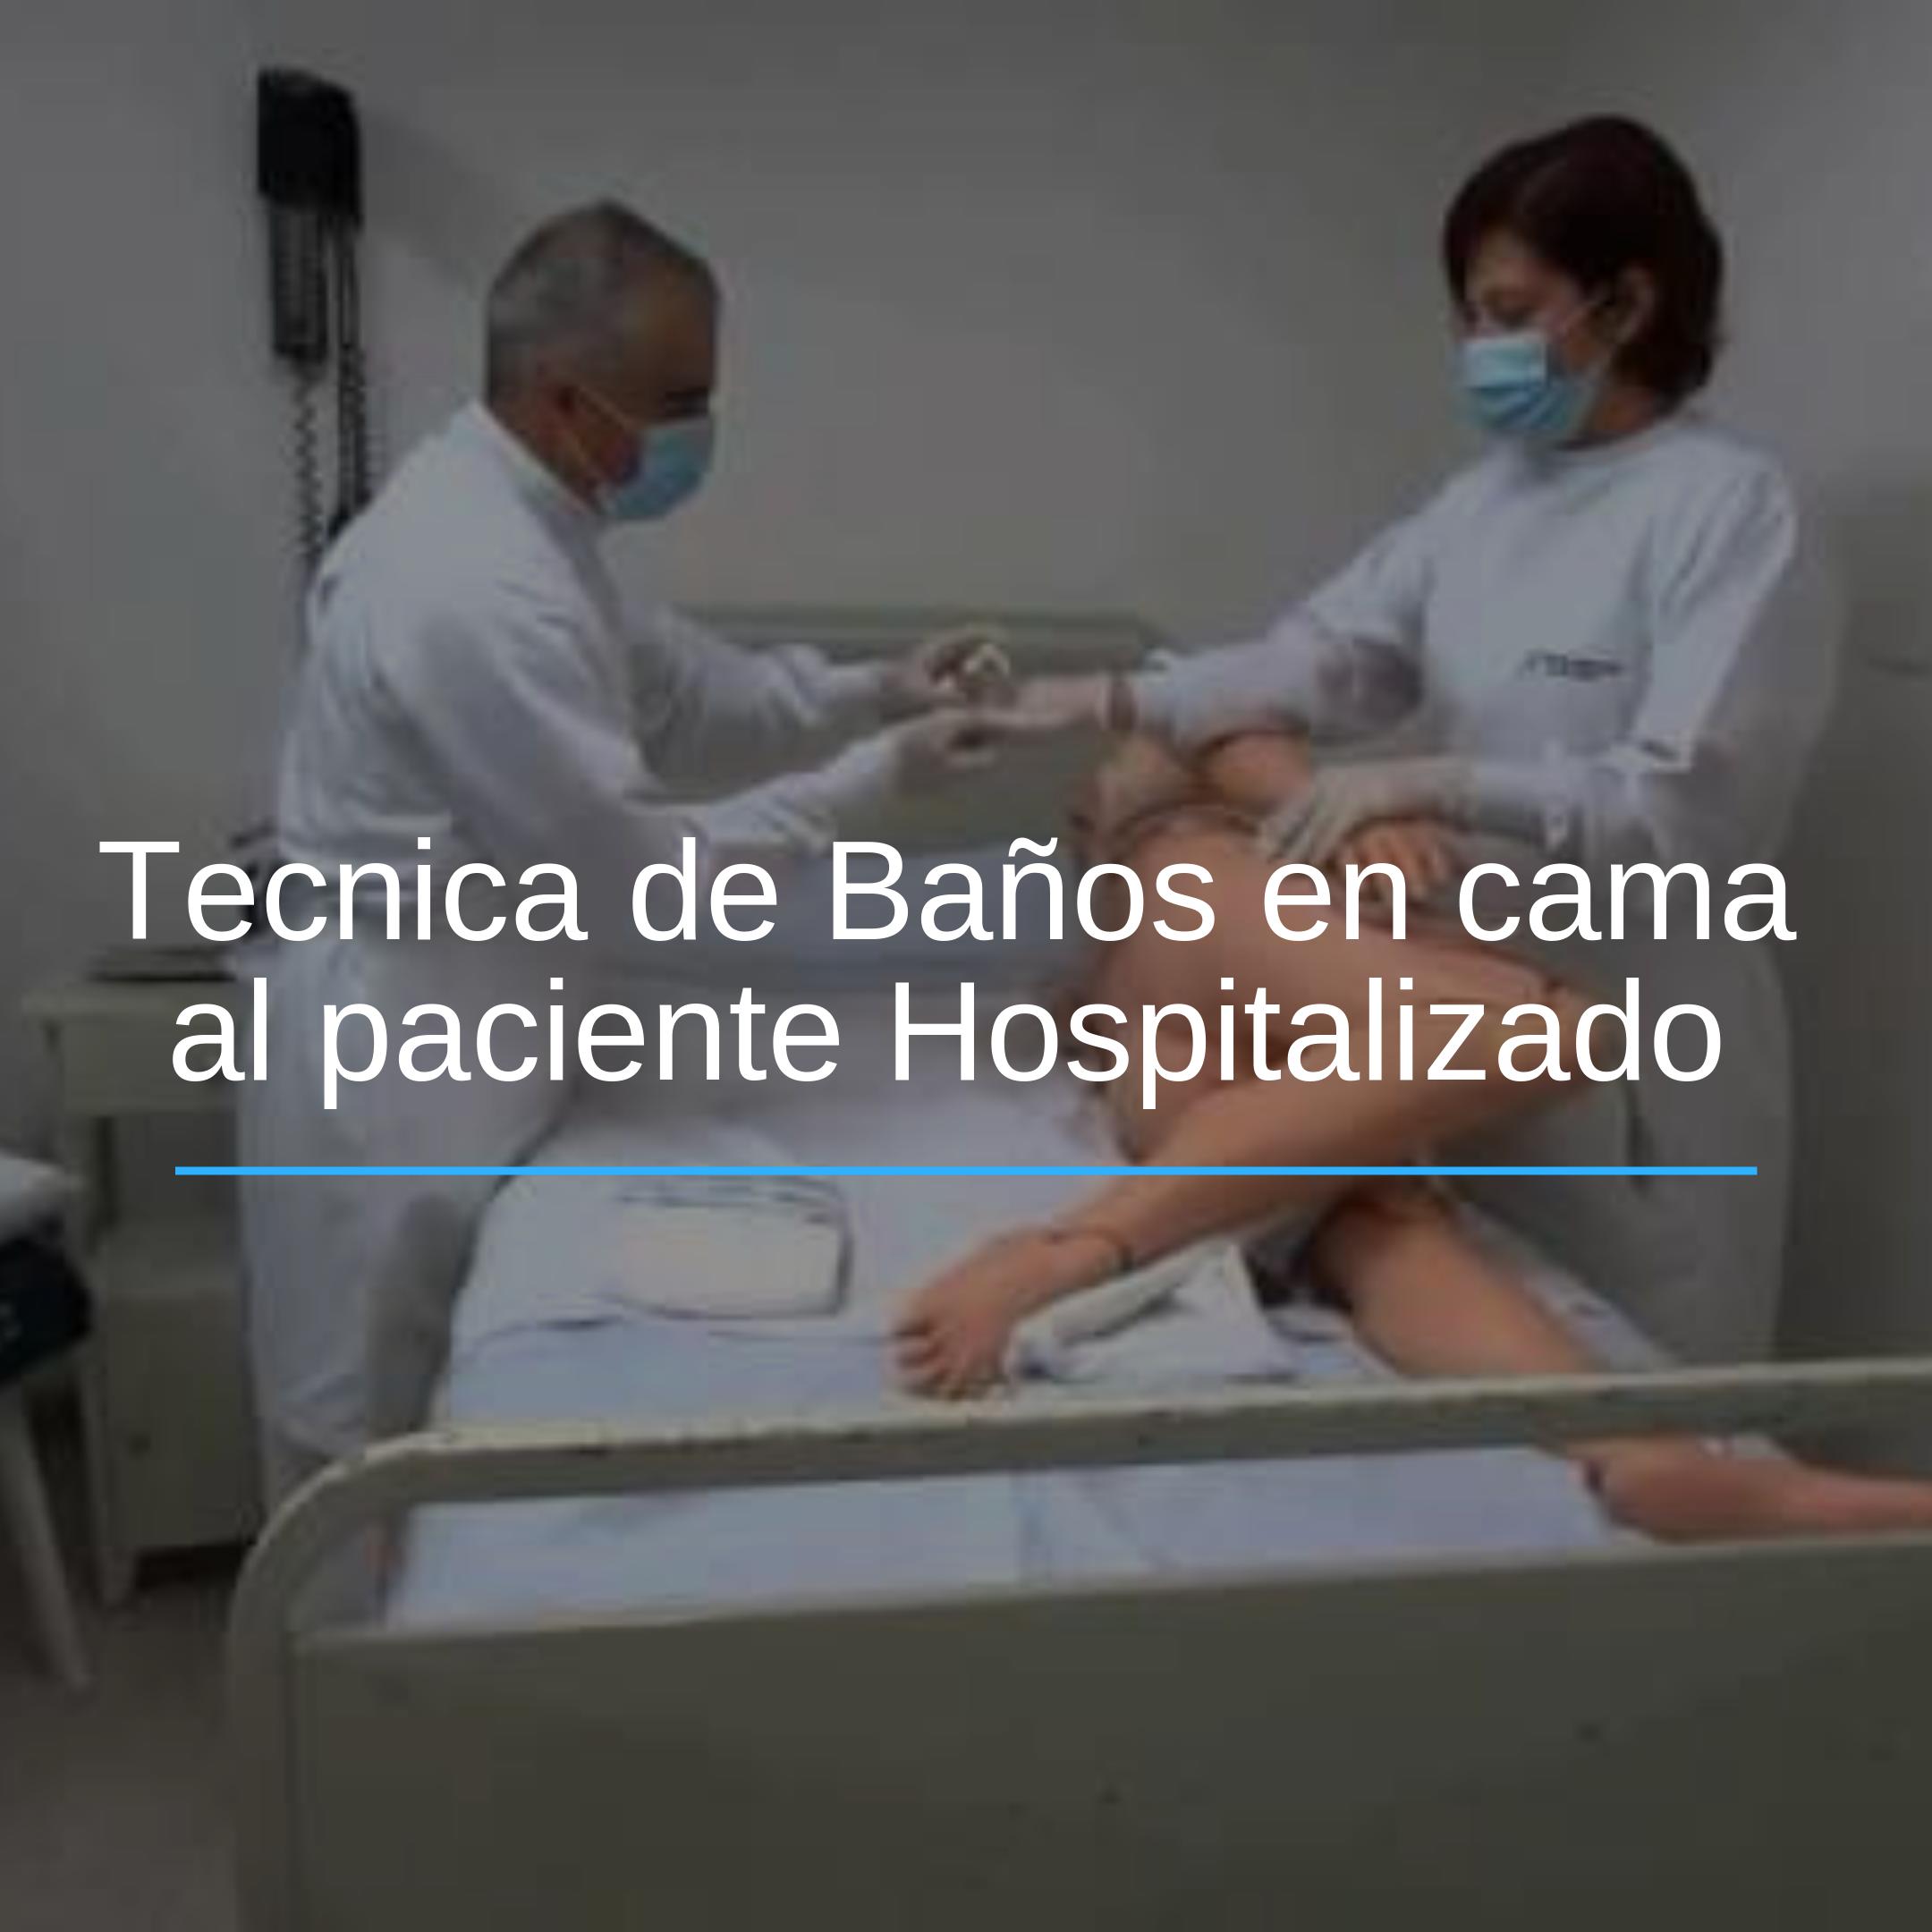 El Bano En Cama A Pacientes Hospitalizados Es Conjunto De